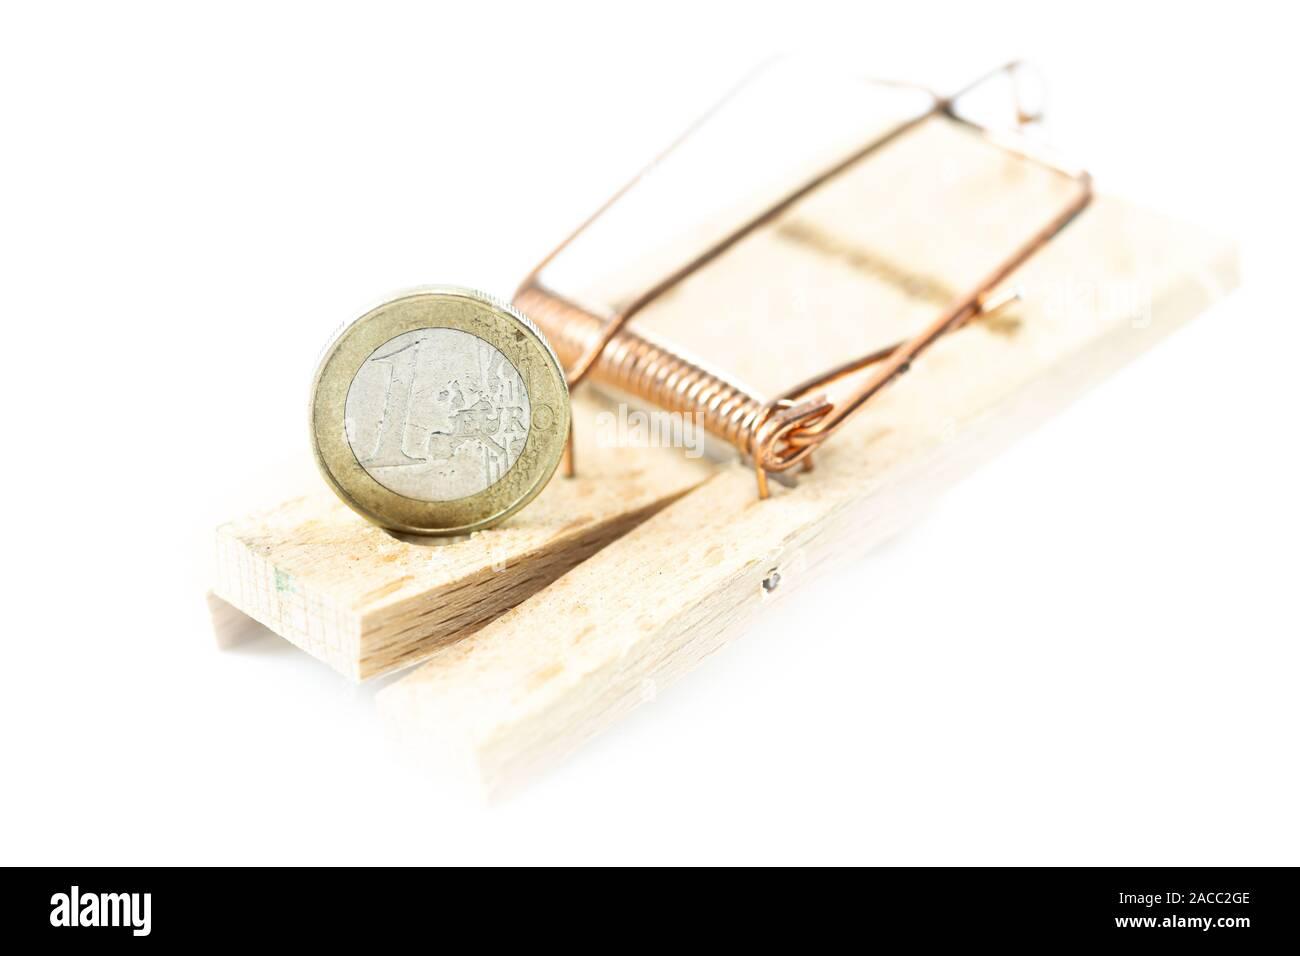 Trampa de ratón con fondo blanco y una moneda euro Foto de stock